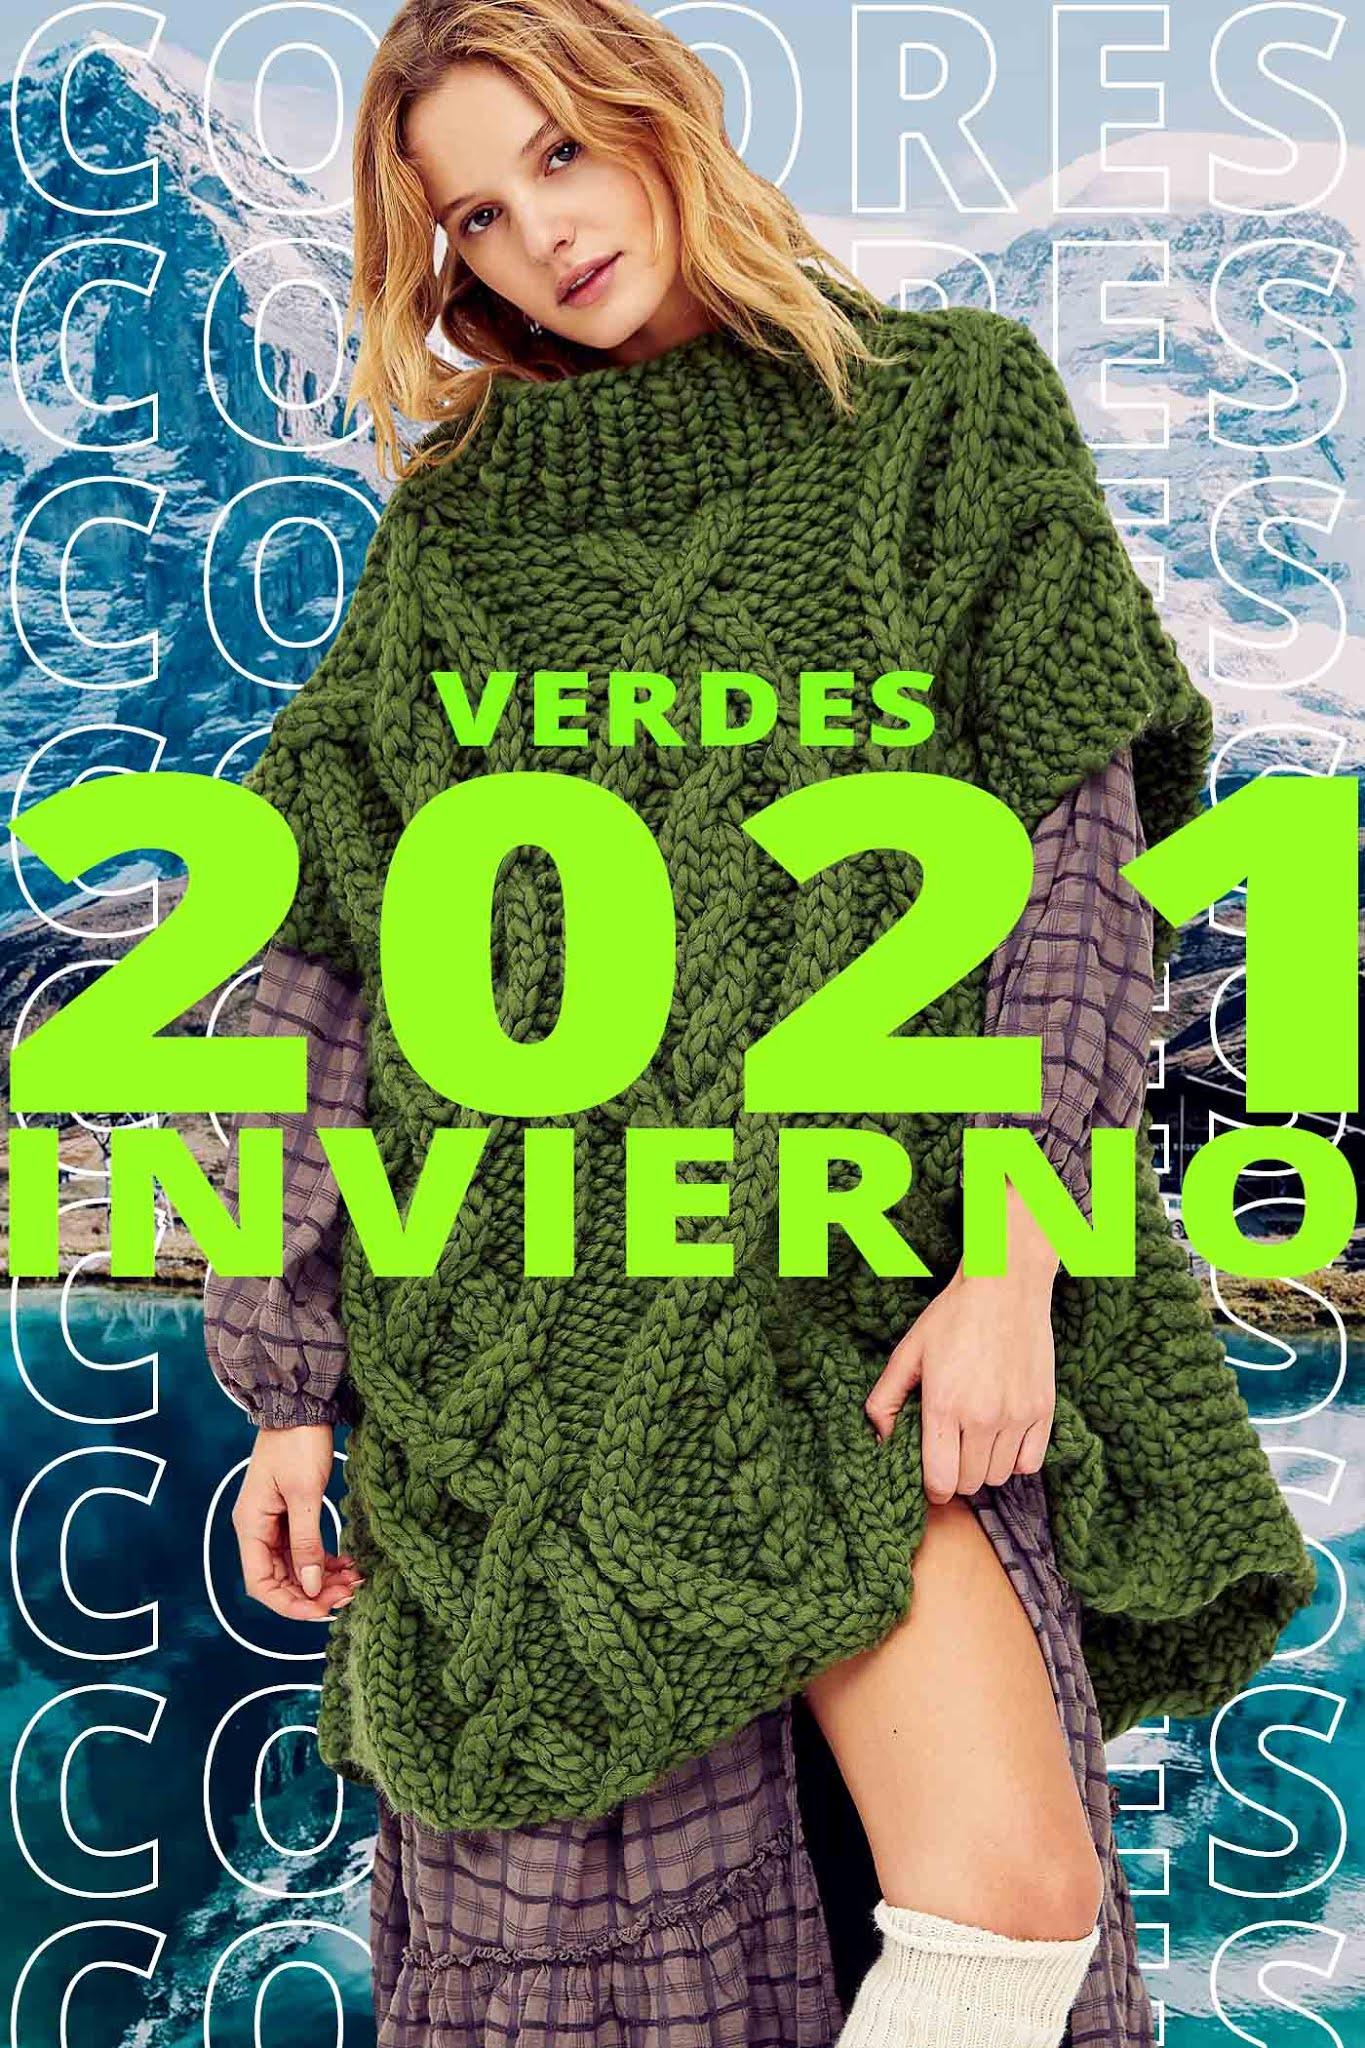 colores de moda otoño invierno 2021 verde verdes